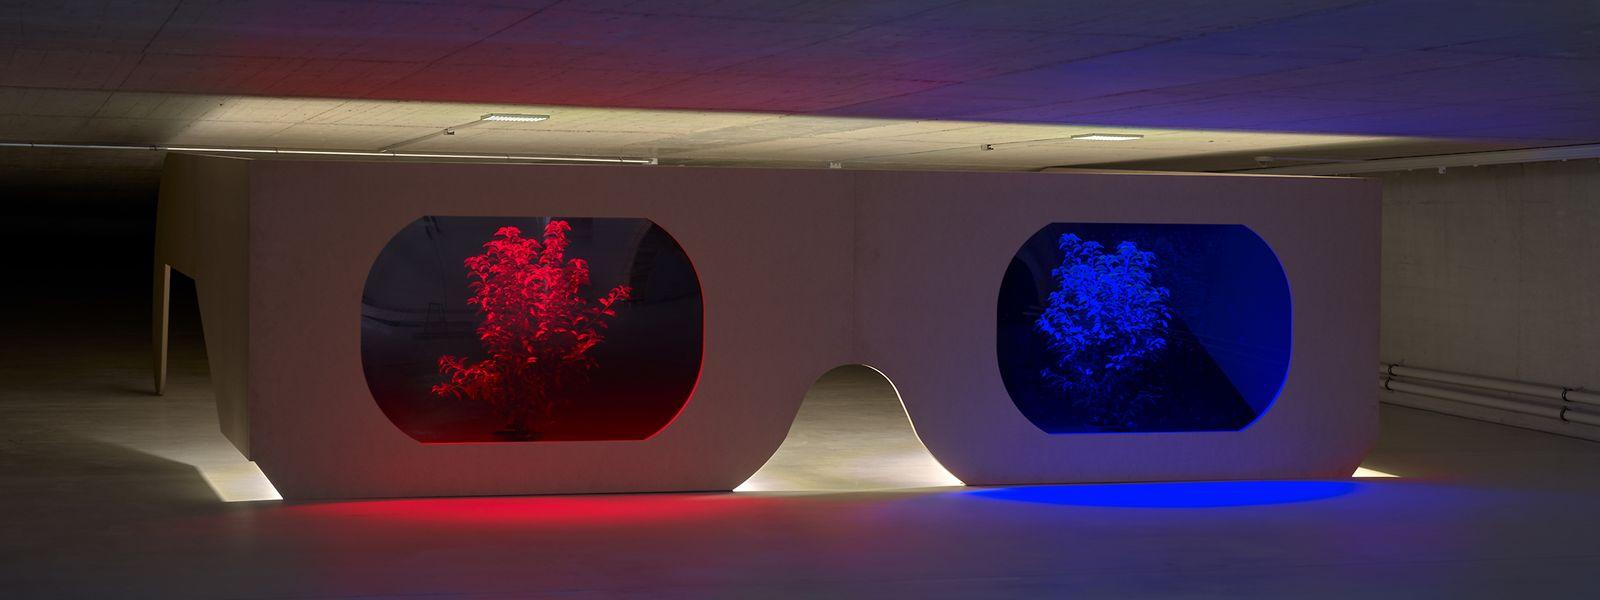 Für den Luxemburger Künstler liegt das eigentliche Kunstwerk in der ästethischen Erfahrung, die der Betrachter macht.